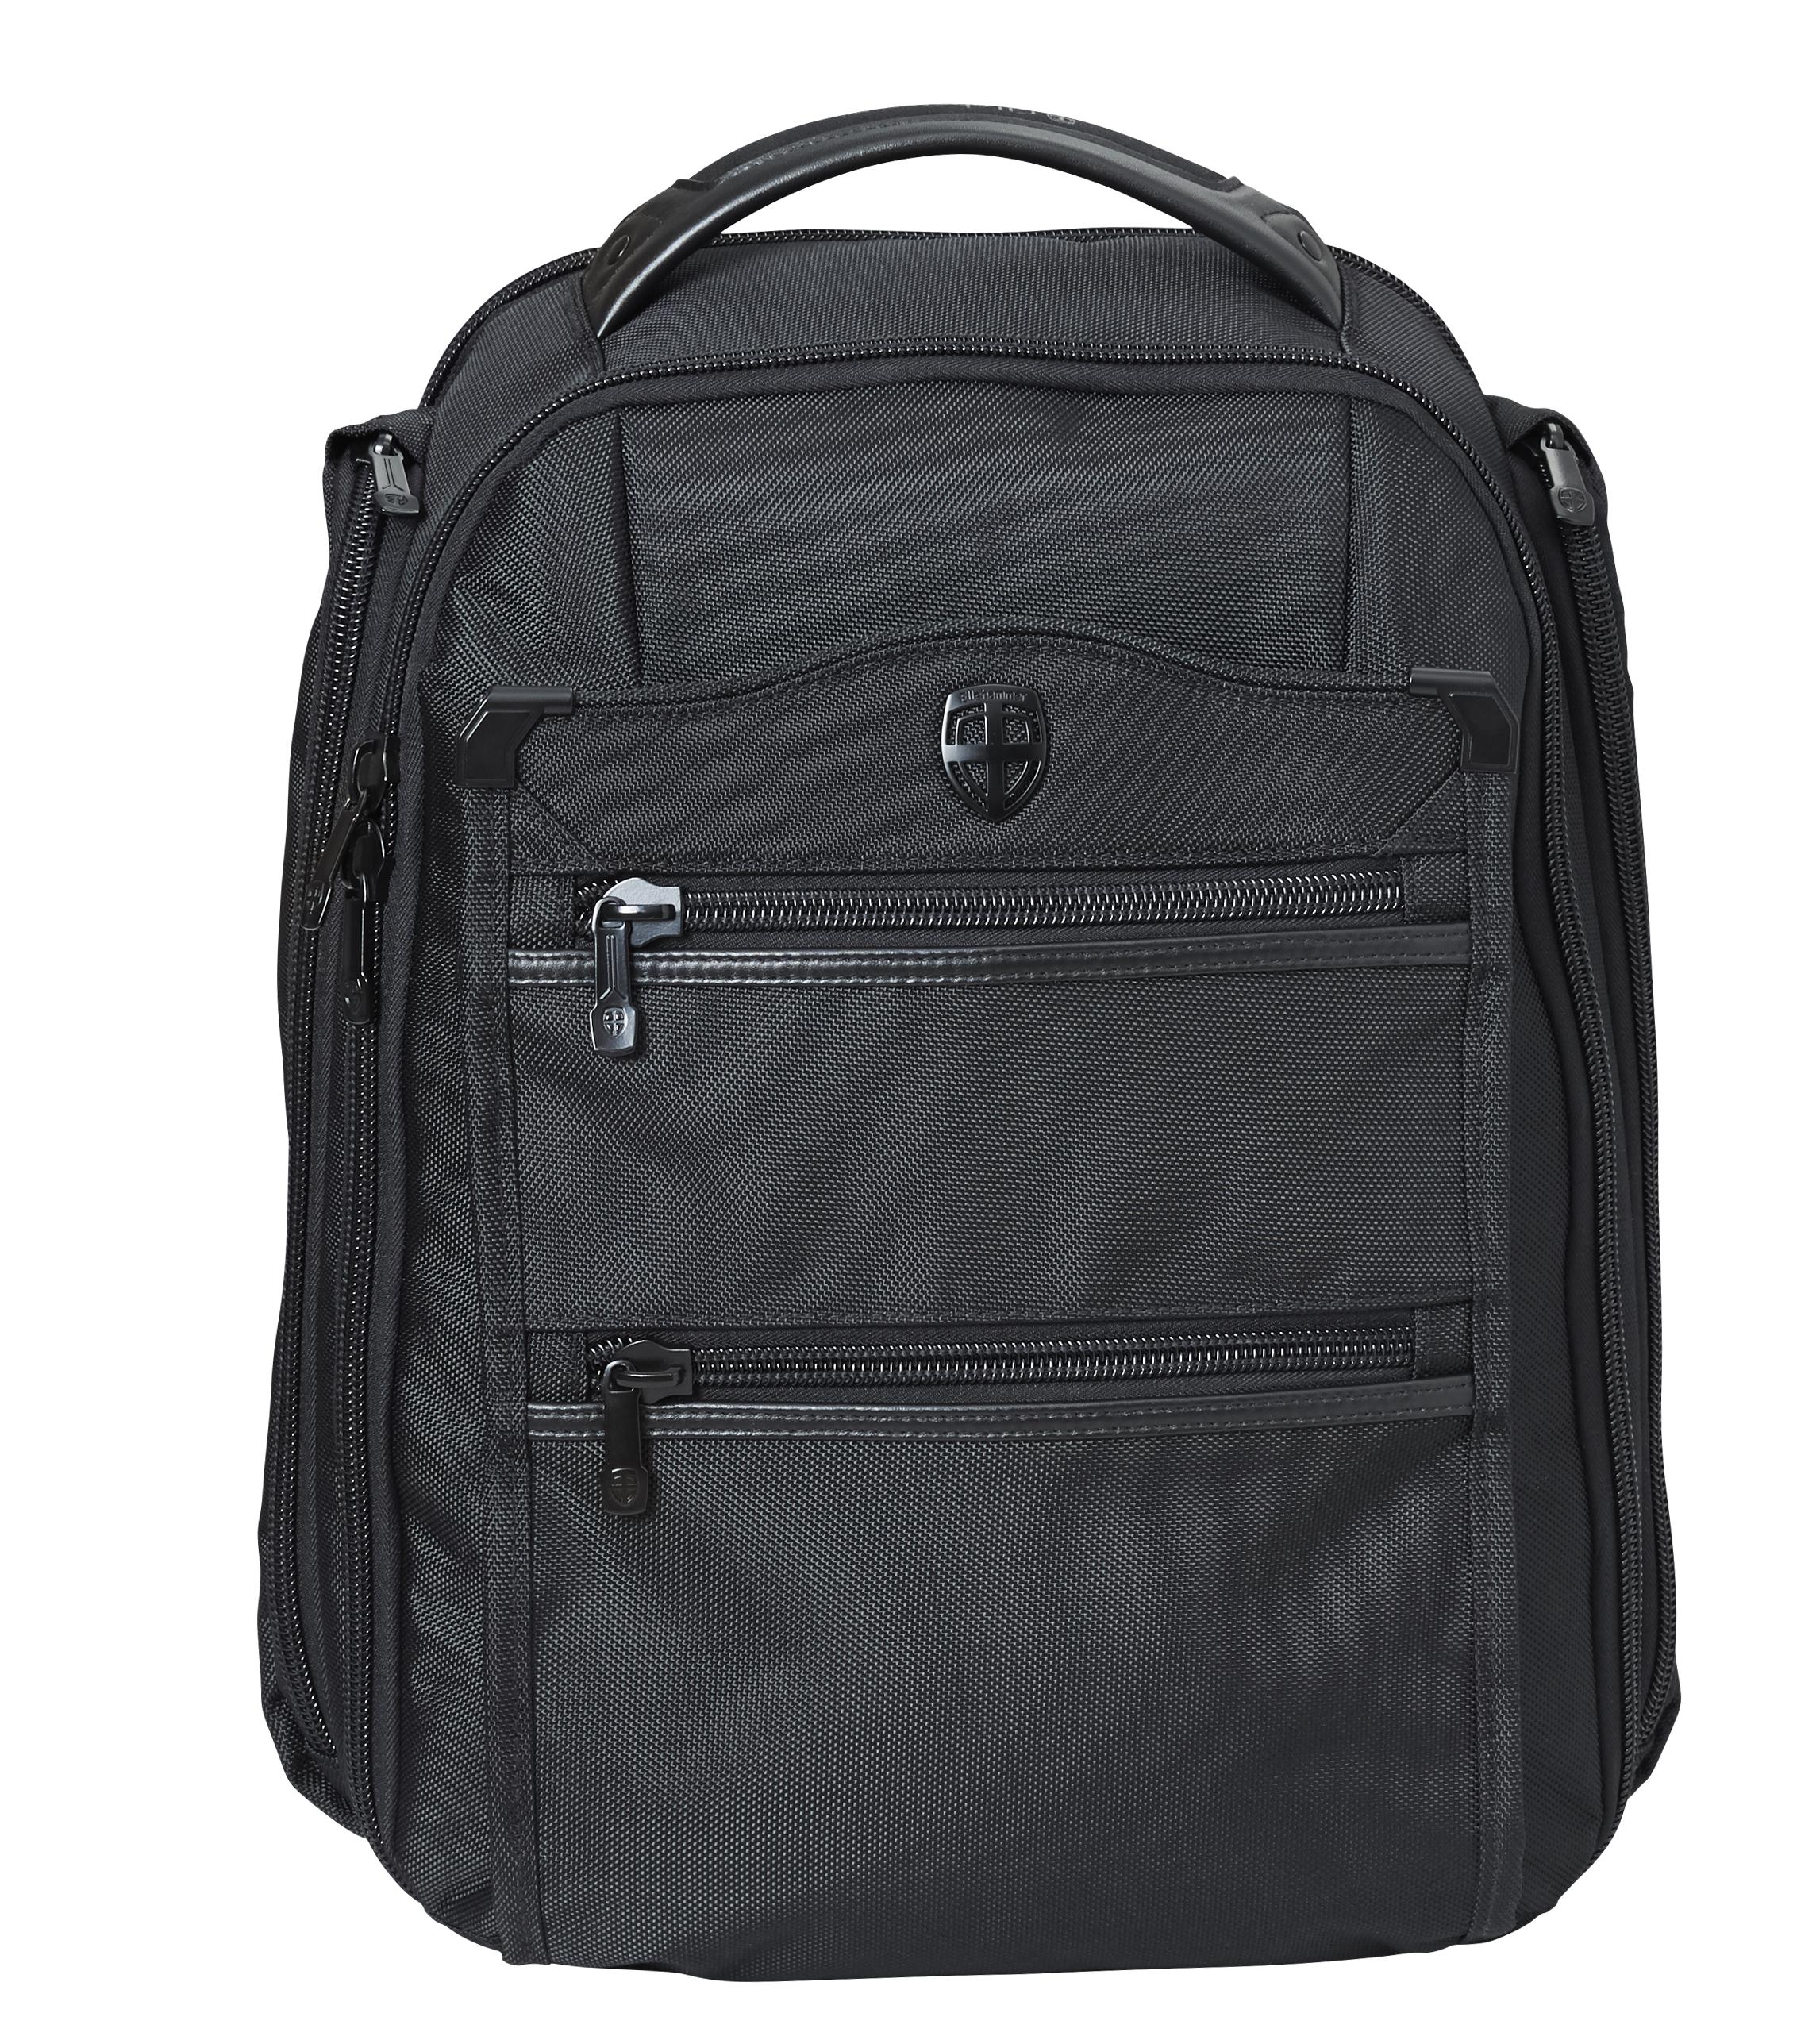 Ellehammer - BiB OSL Backpack - Black (59021-01)